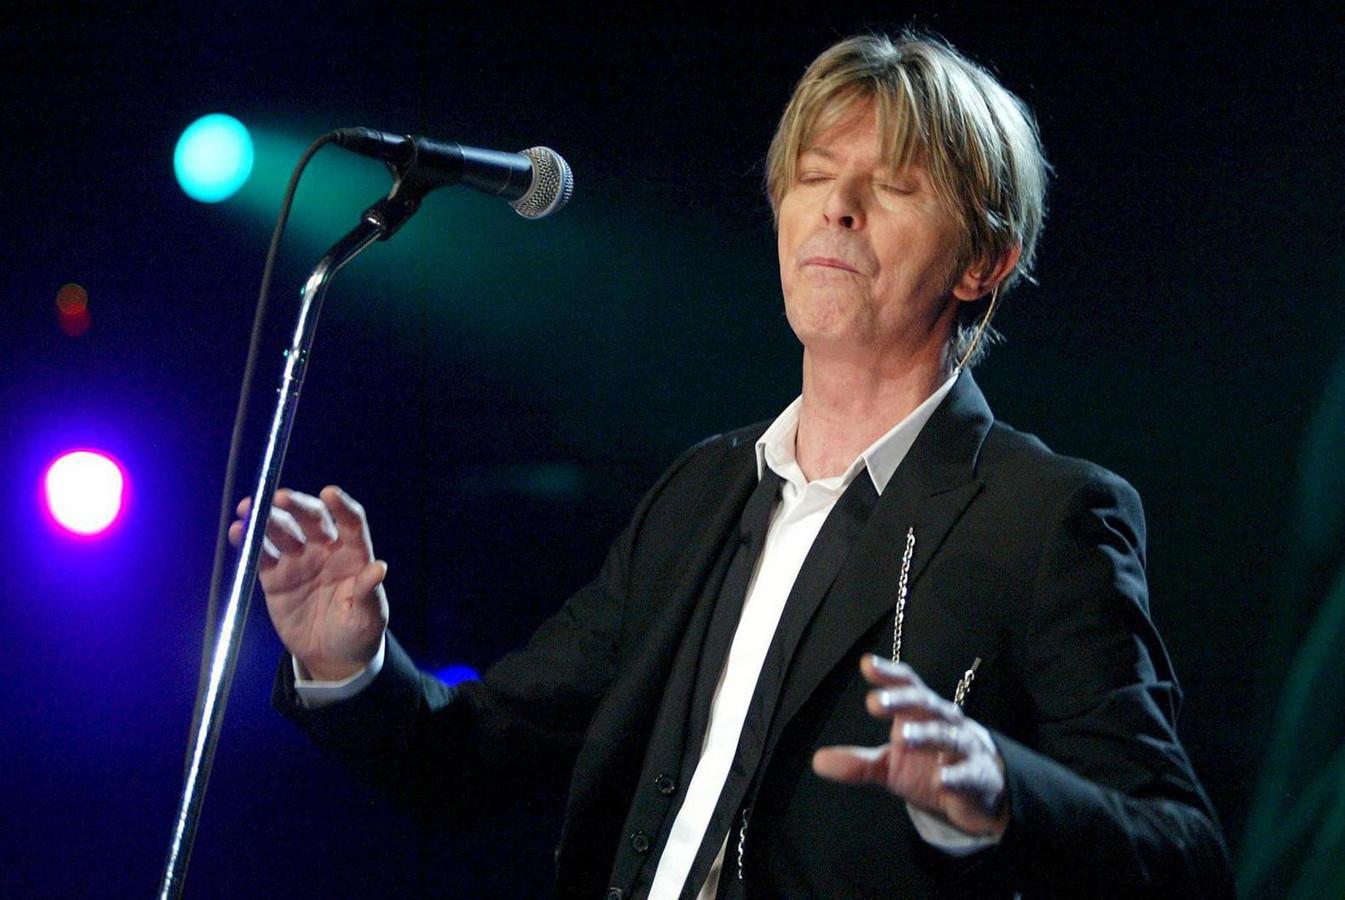 David Bowie tijdens een optreden in Zwitserland in 2002